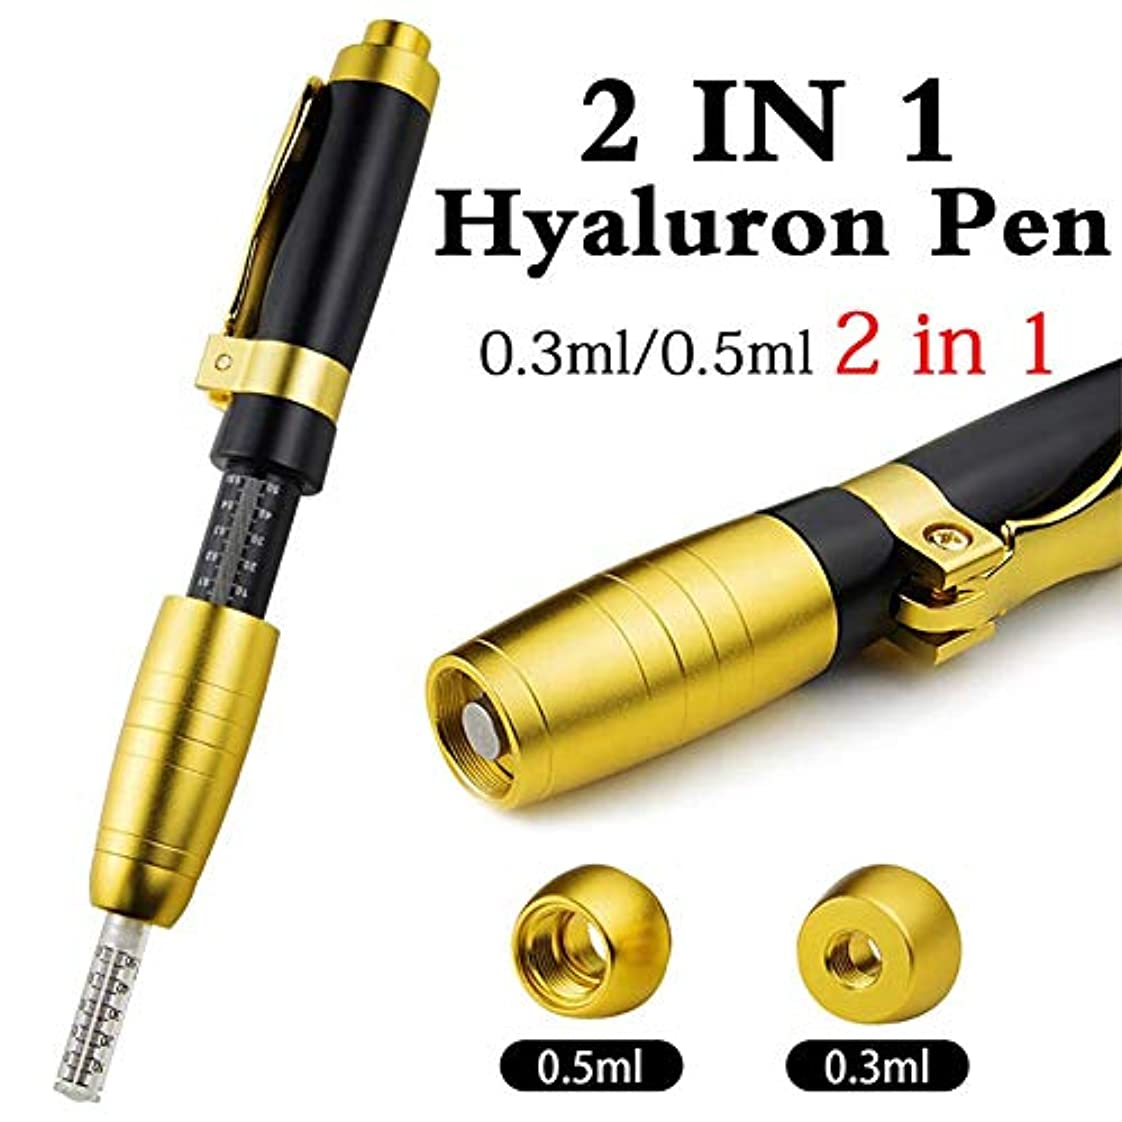 2 in 1 2ヘッドヒアルロンペン0.3ml&0.5mlヒアルロン注射ペンヒアルロン酸注射器リップフィラー針無料注射ペン